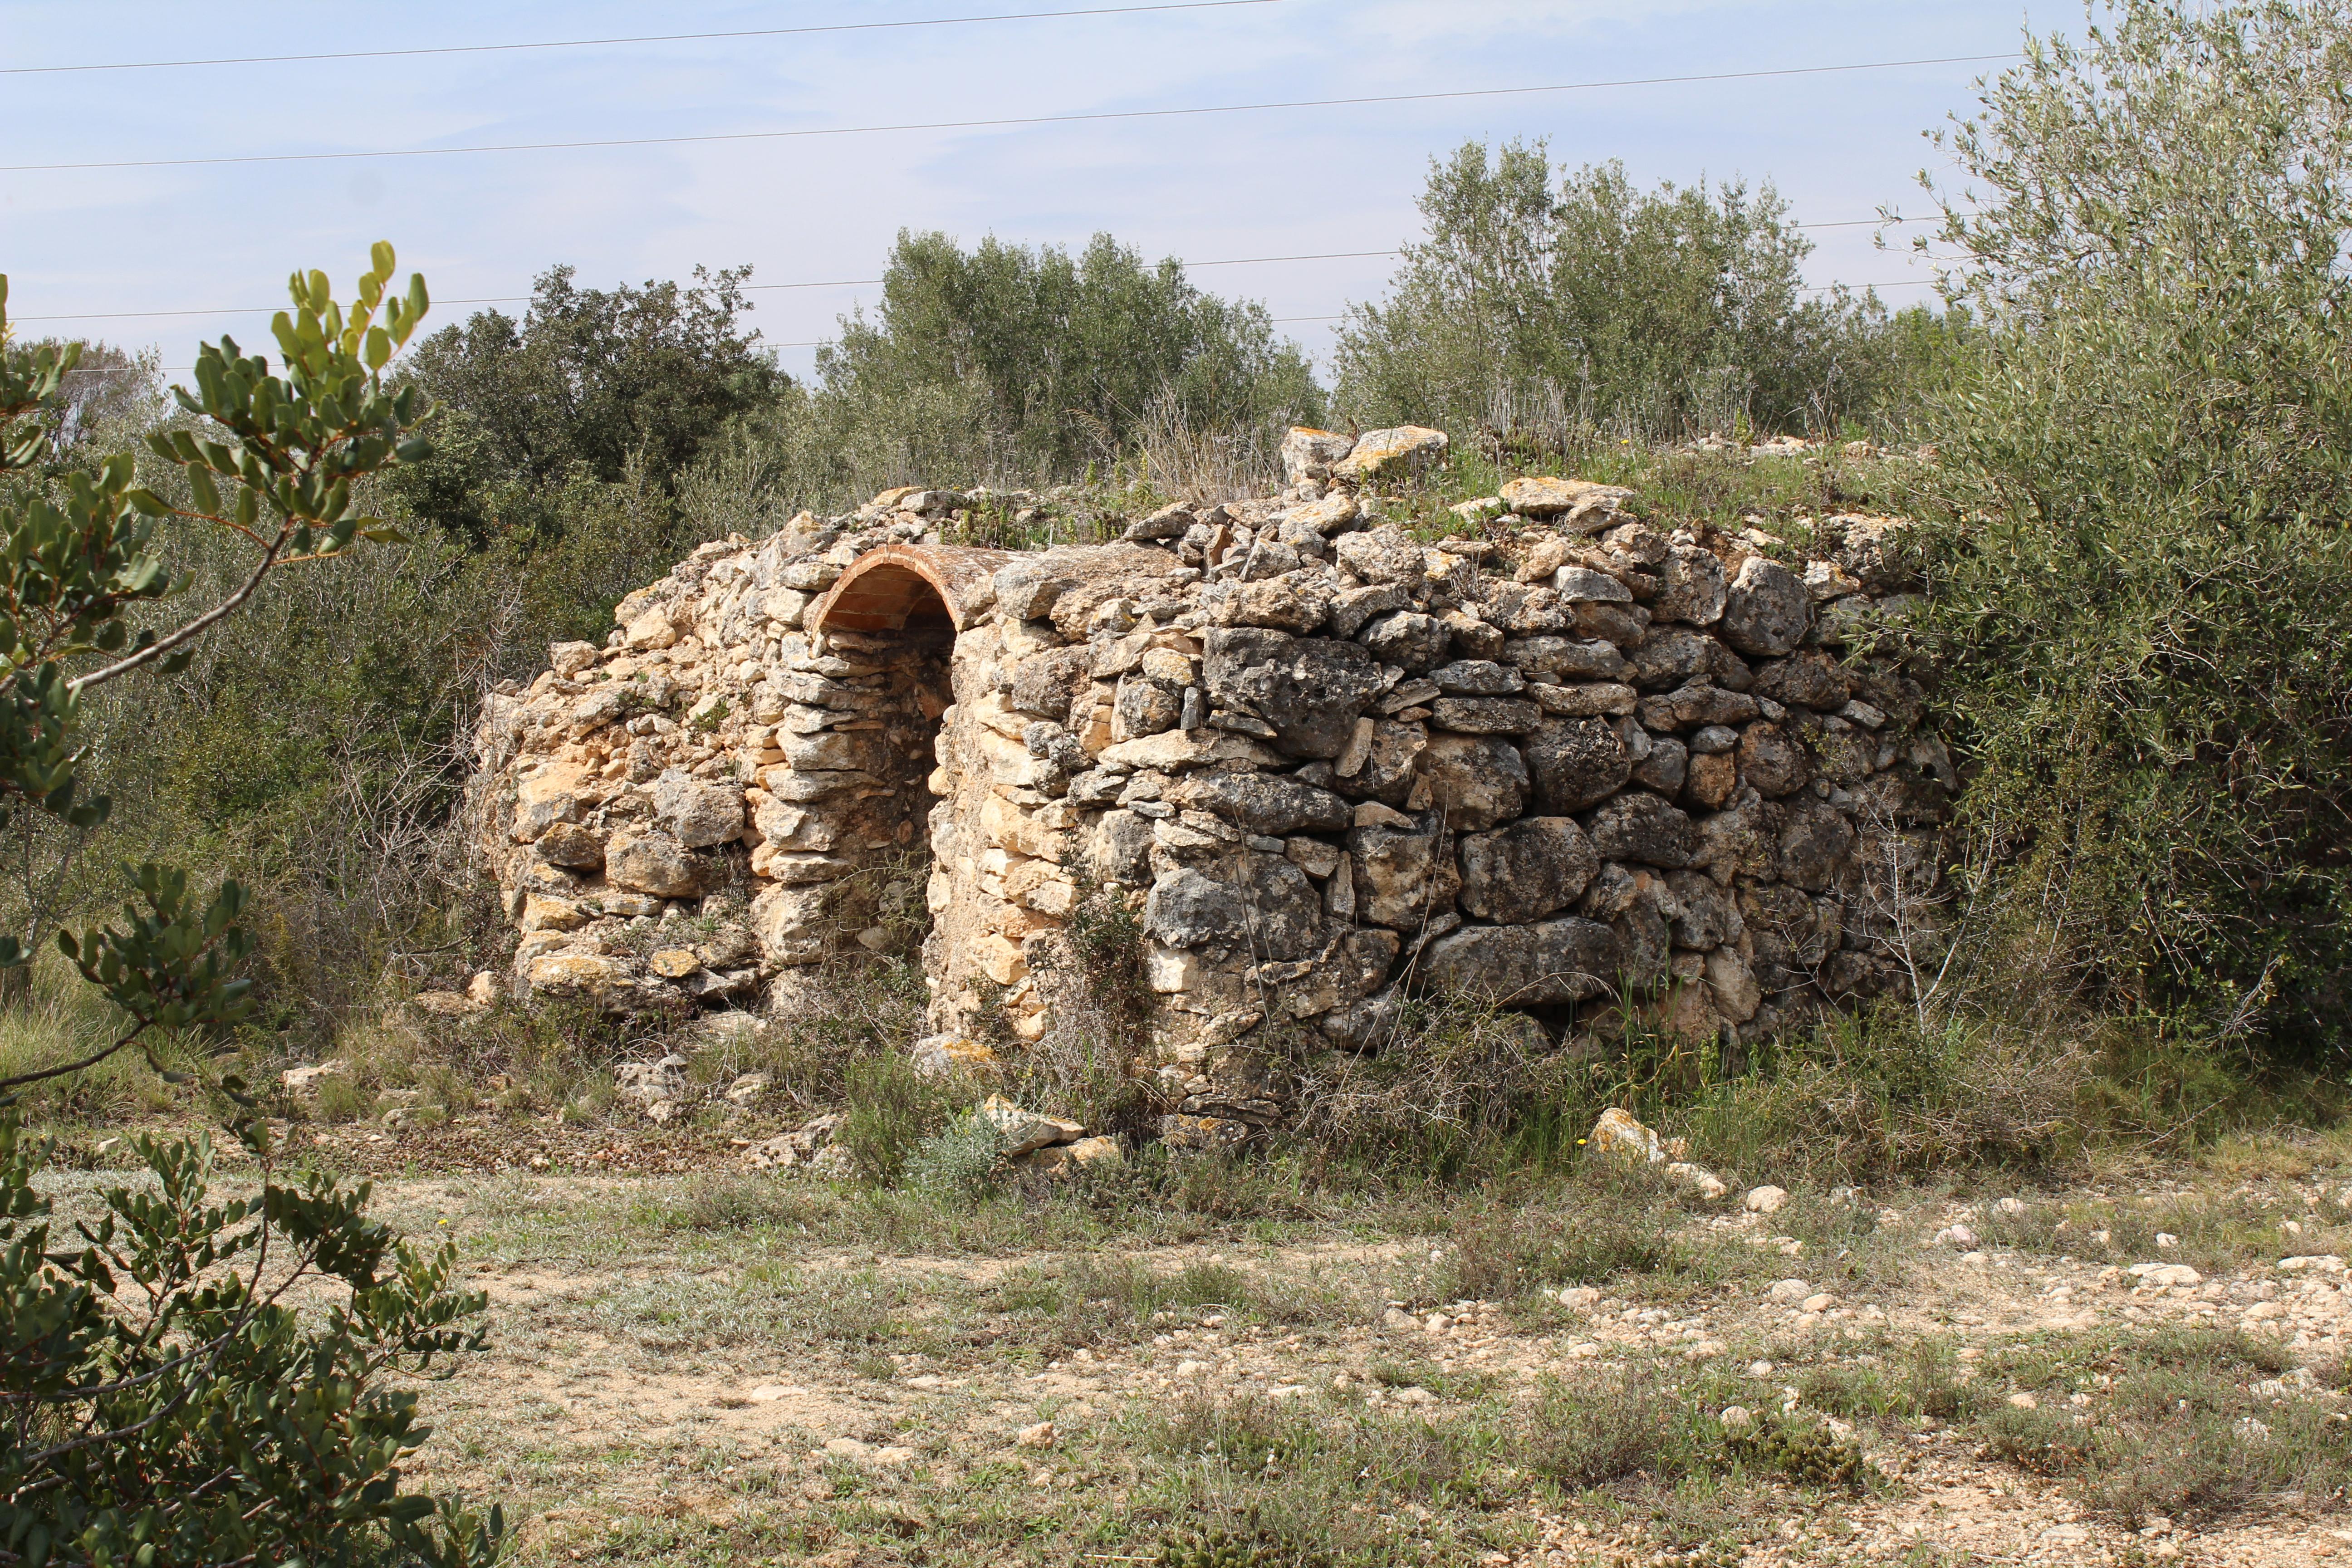 Casa de pedra - Cellers Blanch